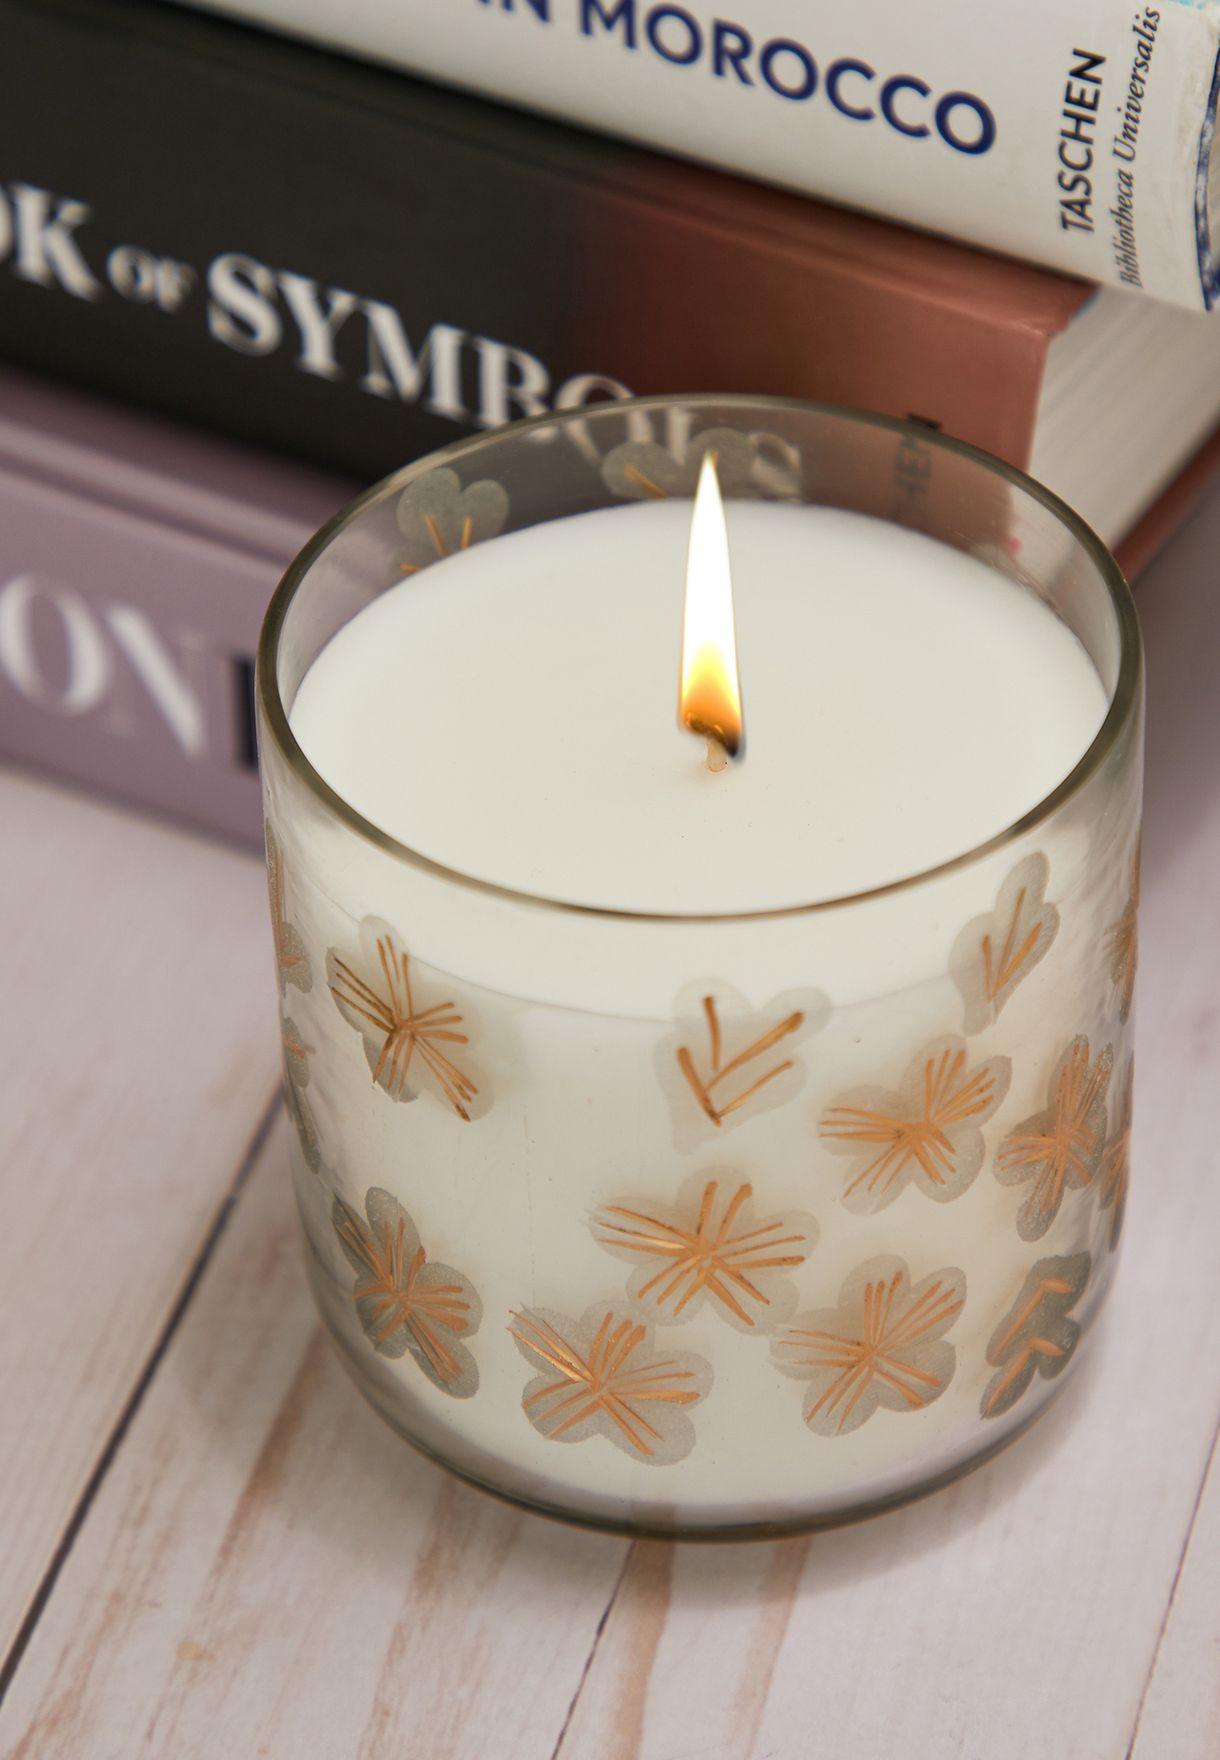 R Initial Scarlett Citrus Lumi Candle